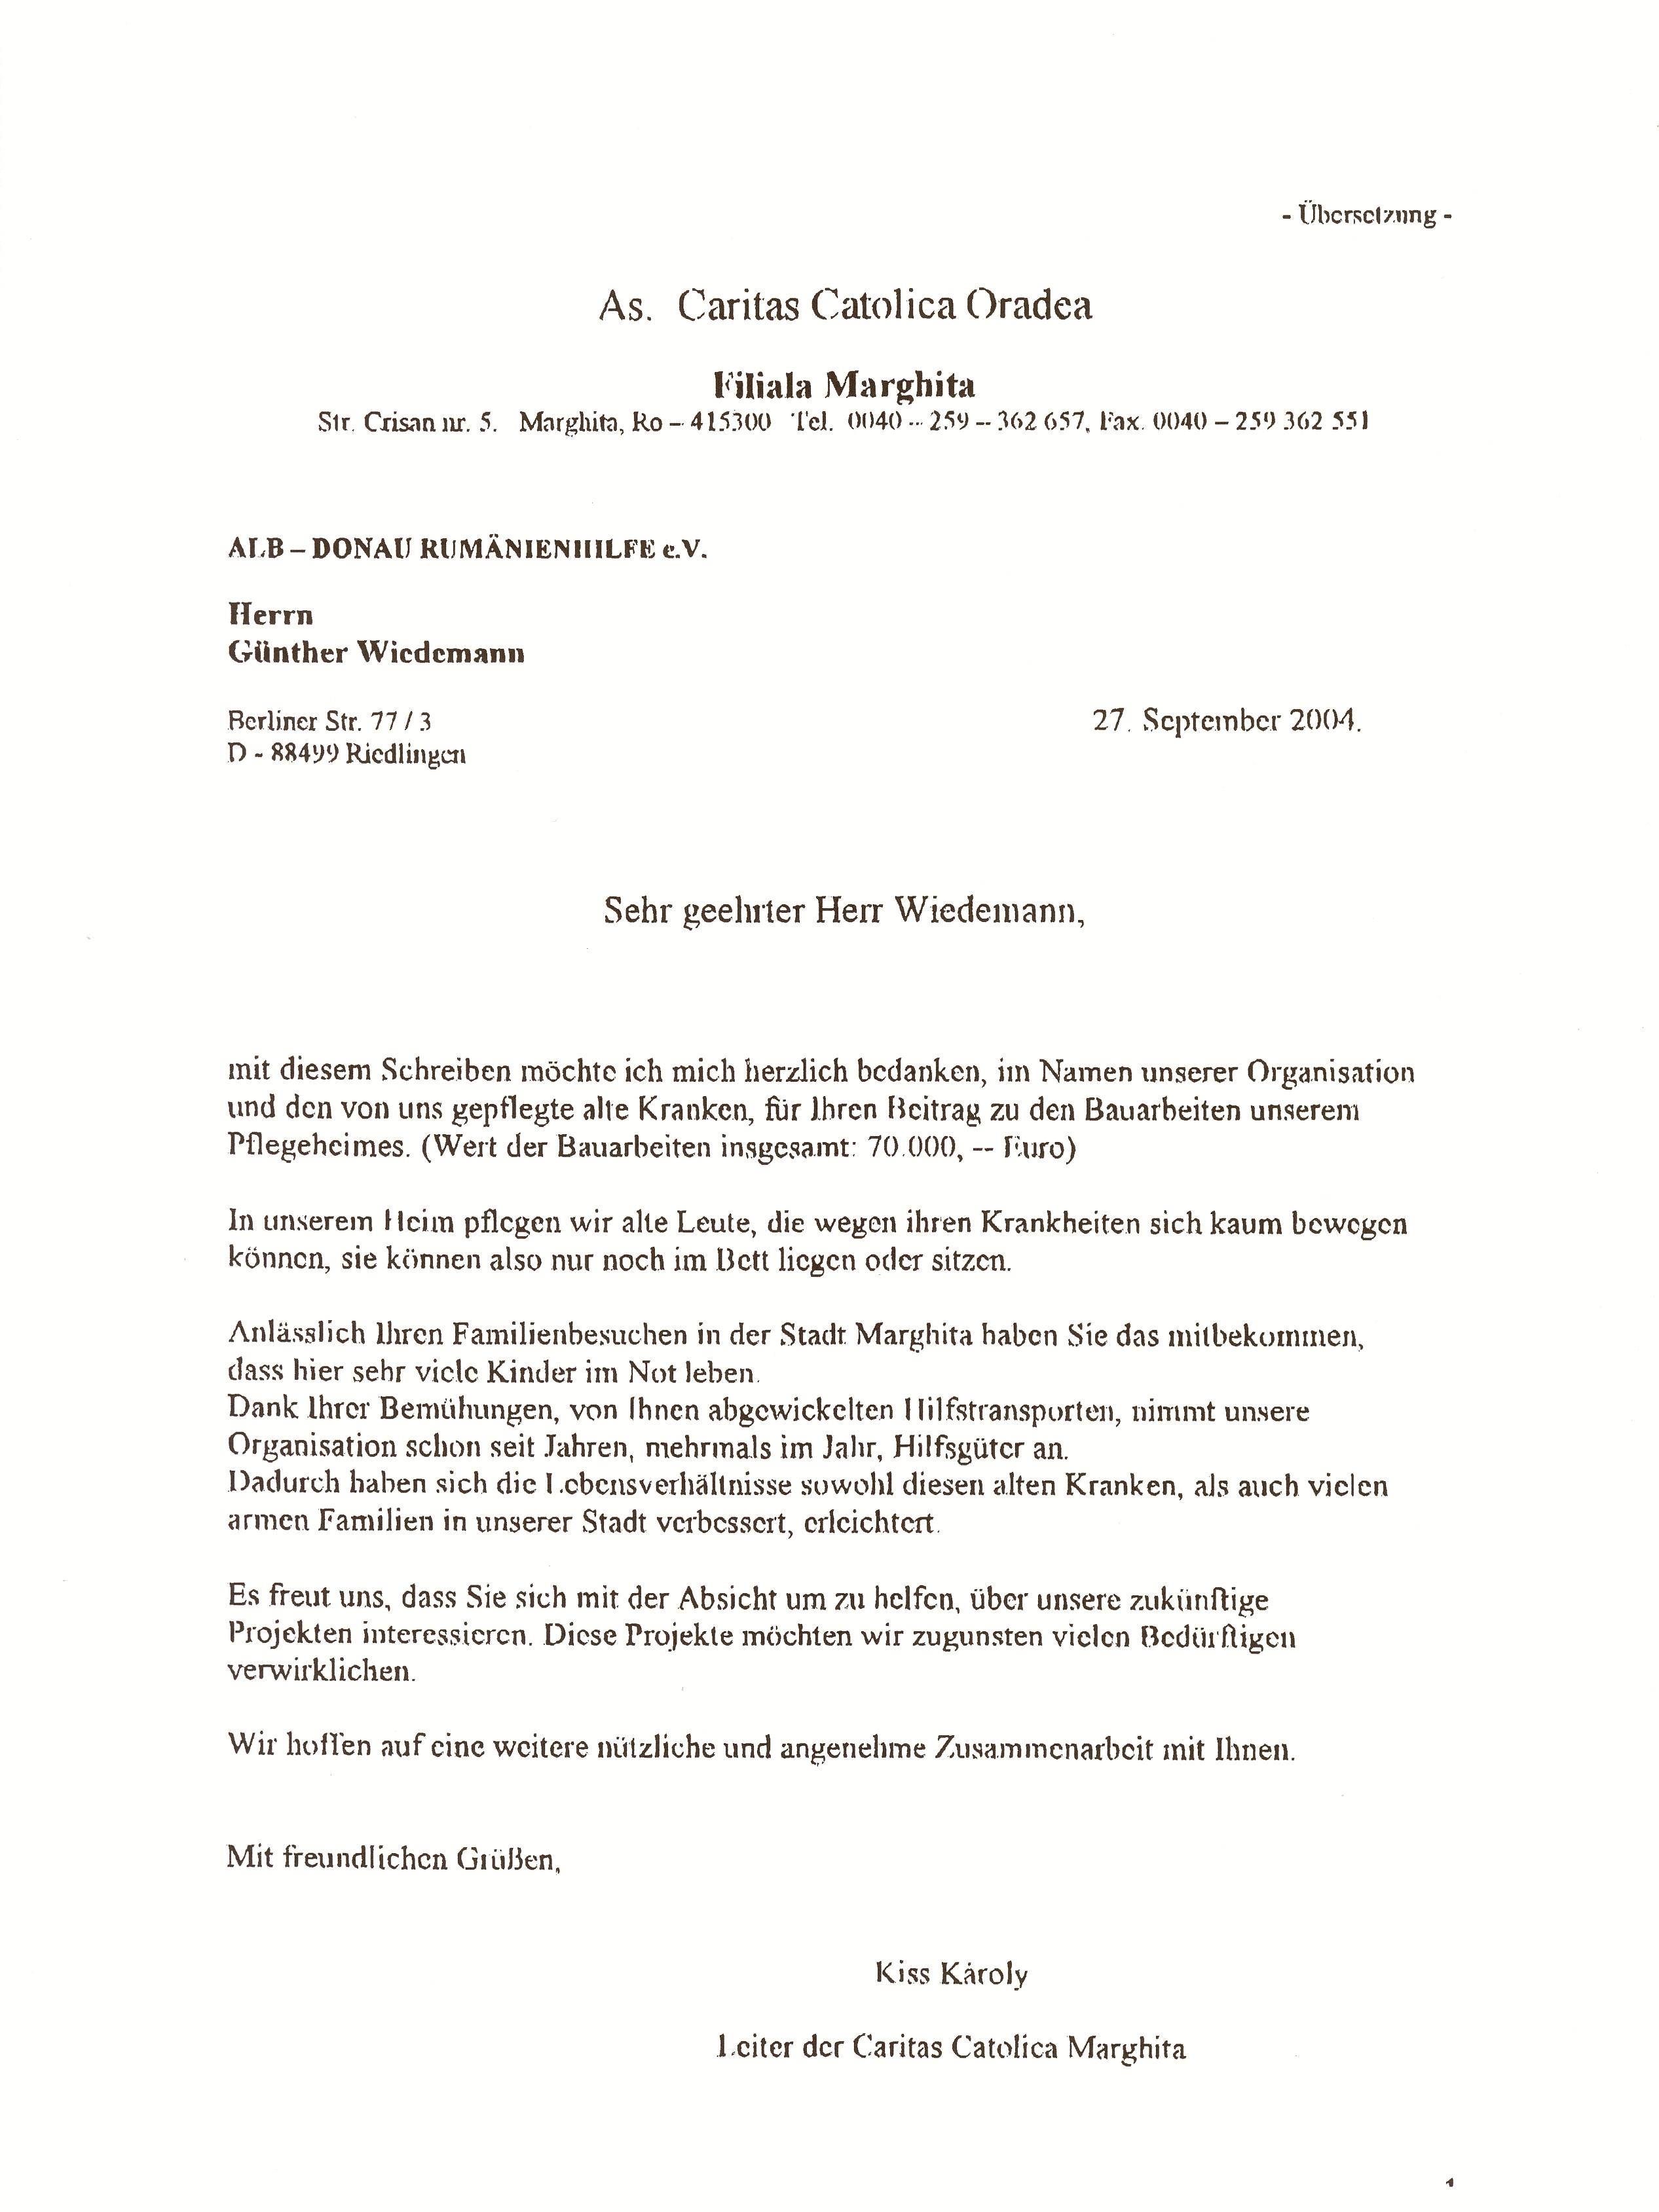 Übersetzung Dankschreiben 2004